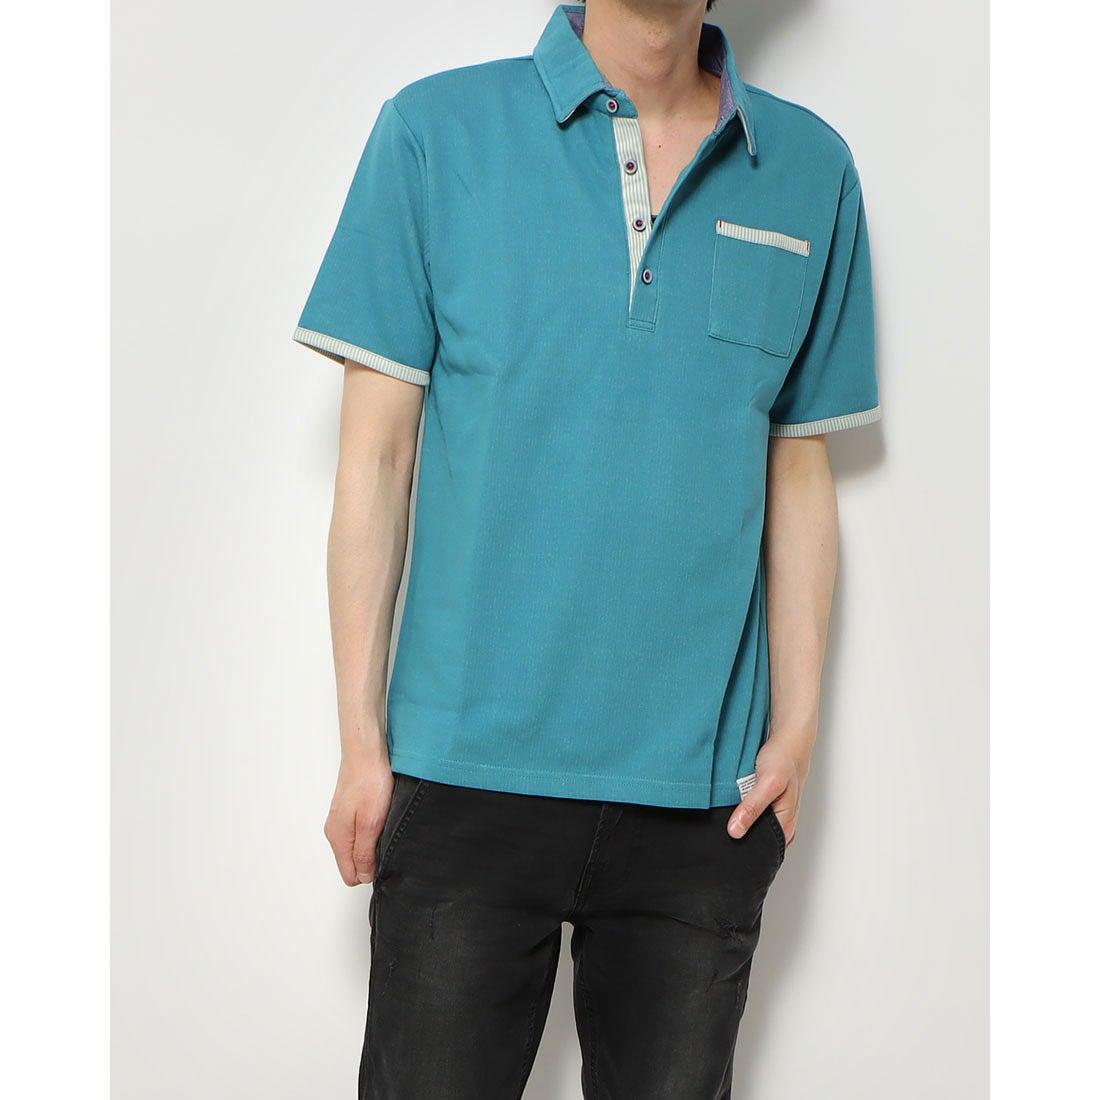 ロコンド 靴とファッションの通販サイトスタイルブロック STYLEBLOCK ポンチ裏ストライプ配色ポロシャツ (ターコイズ)